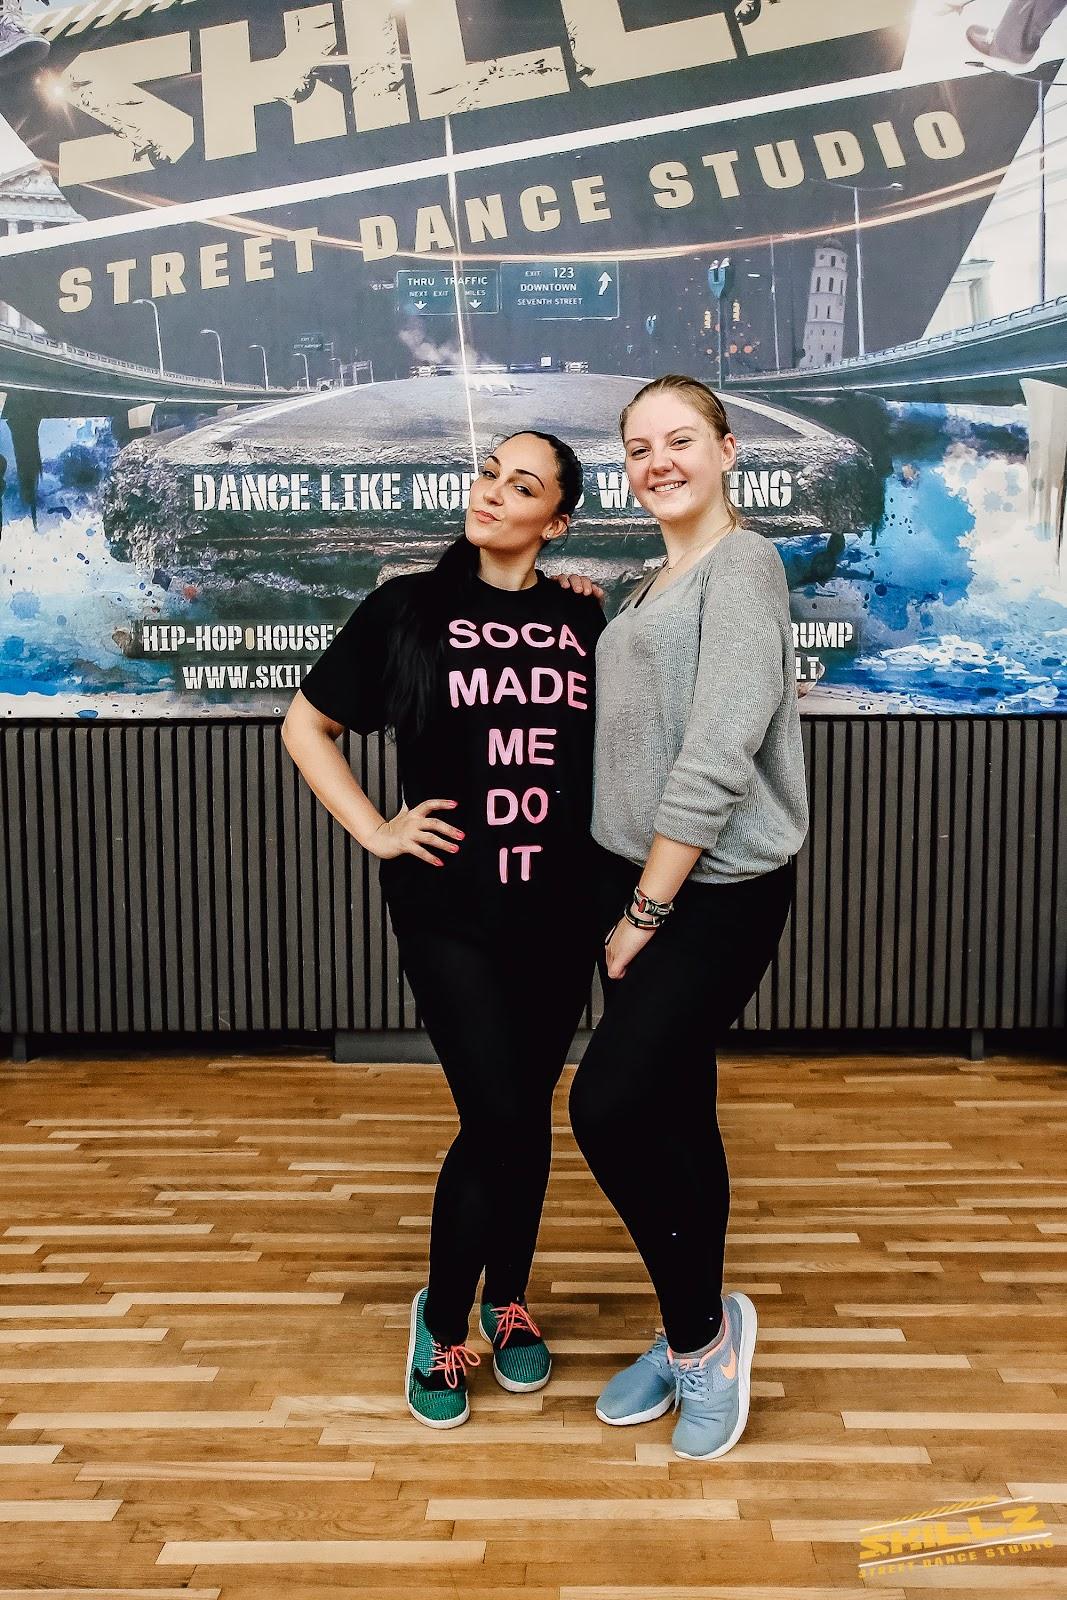 Dancehall Takeover seminarai (Jamaika, Belgija, Prancuzija) - IMG_8437.jpg